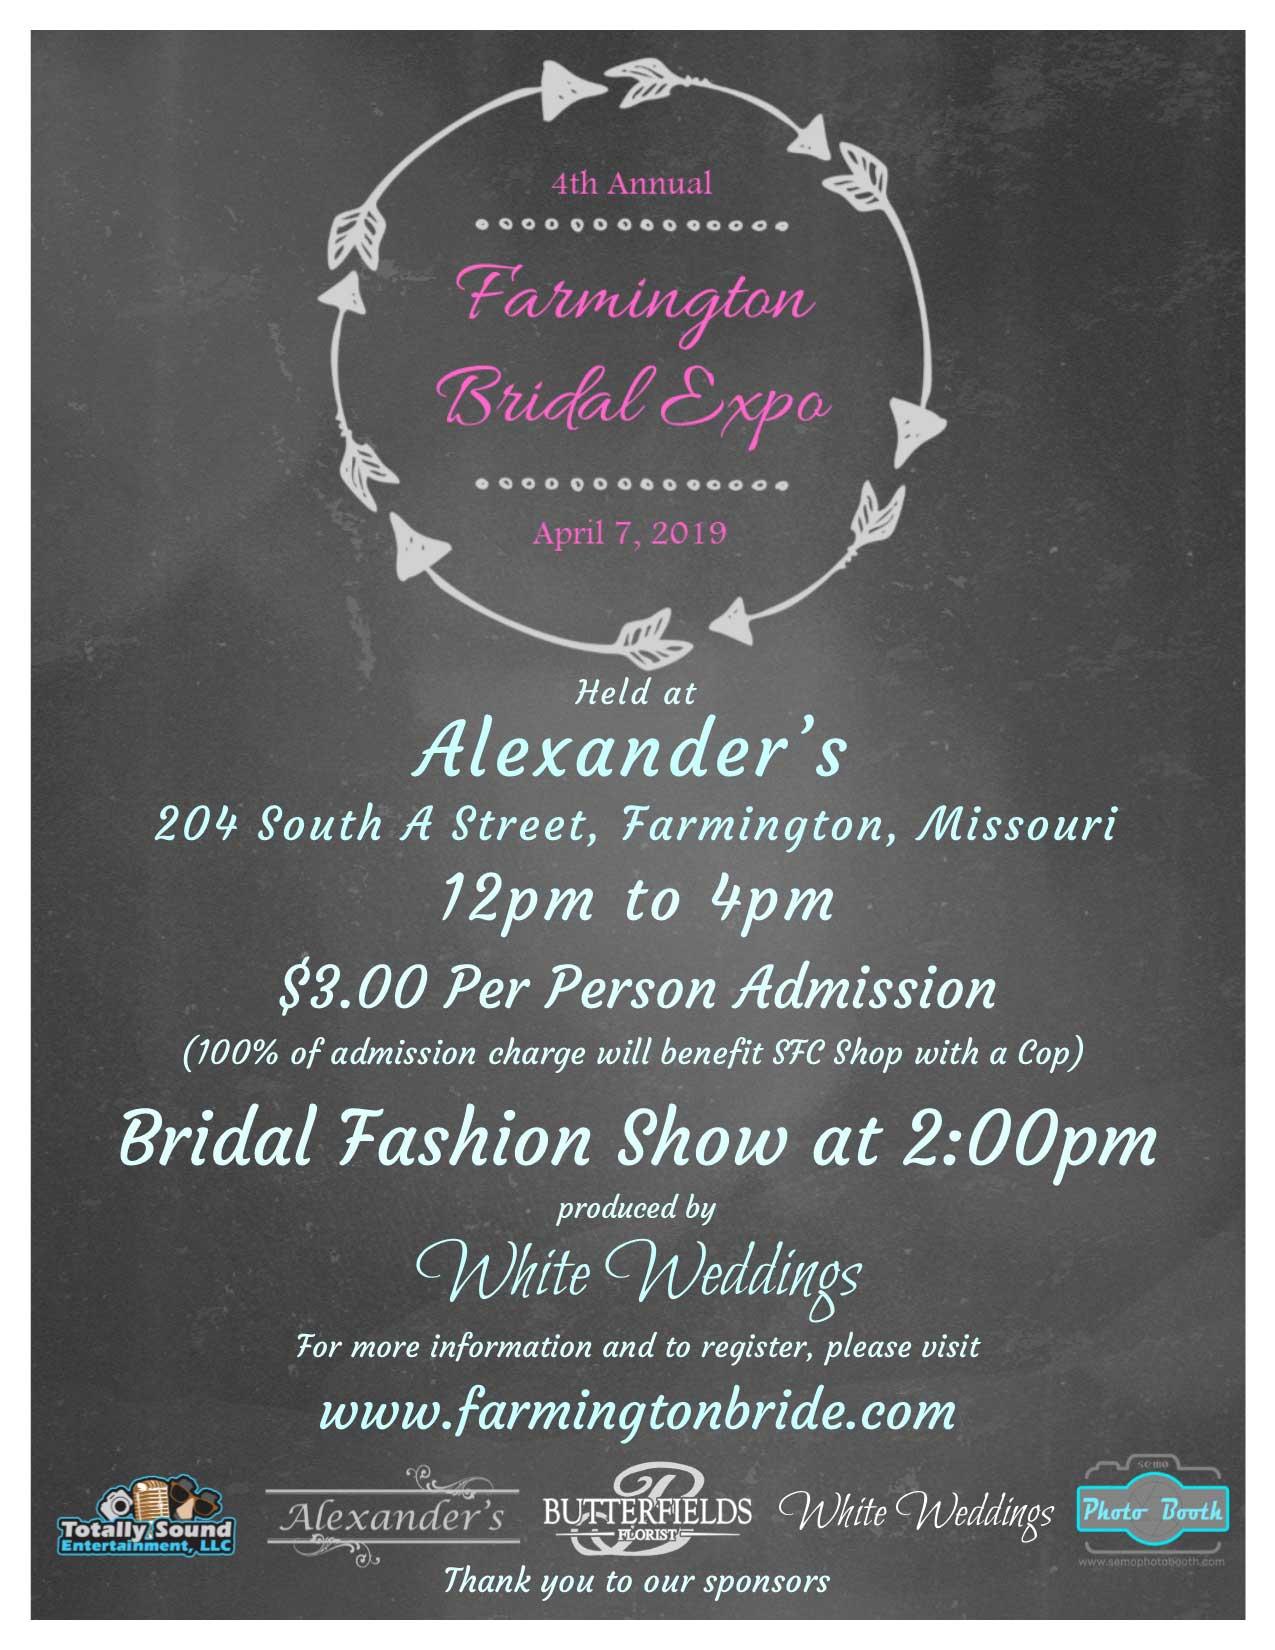 Farmington Bridal Expo 2019